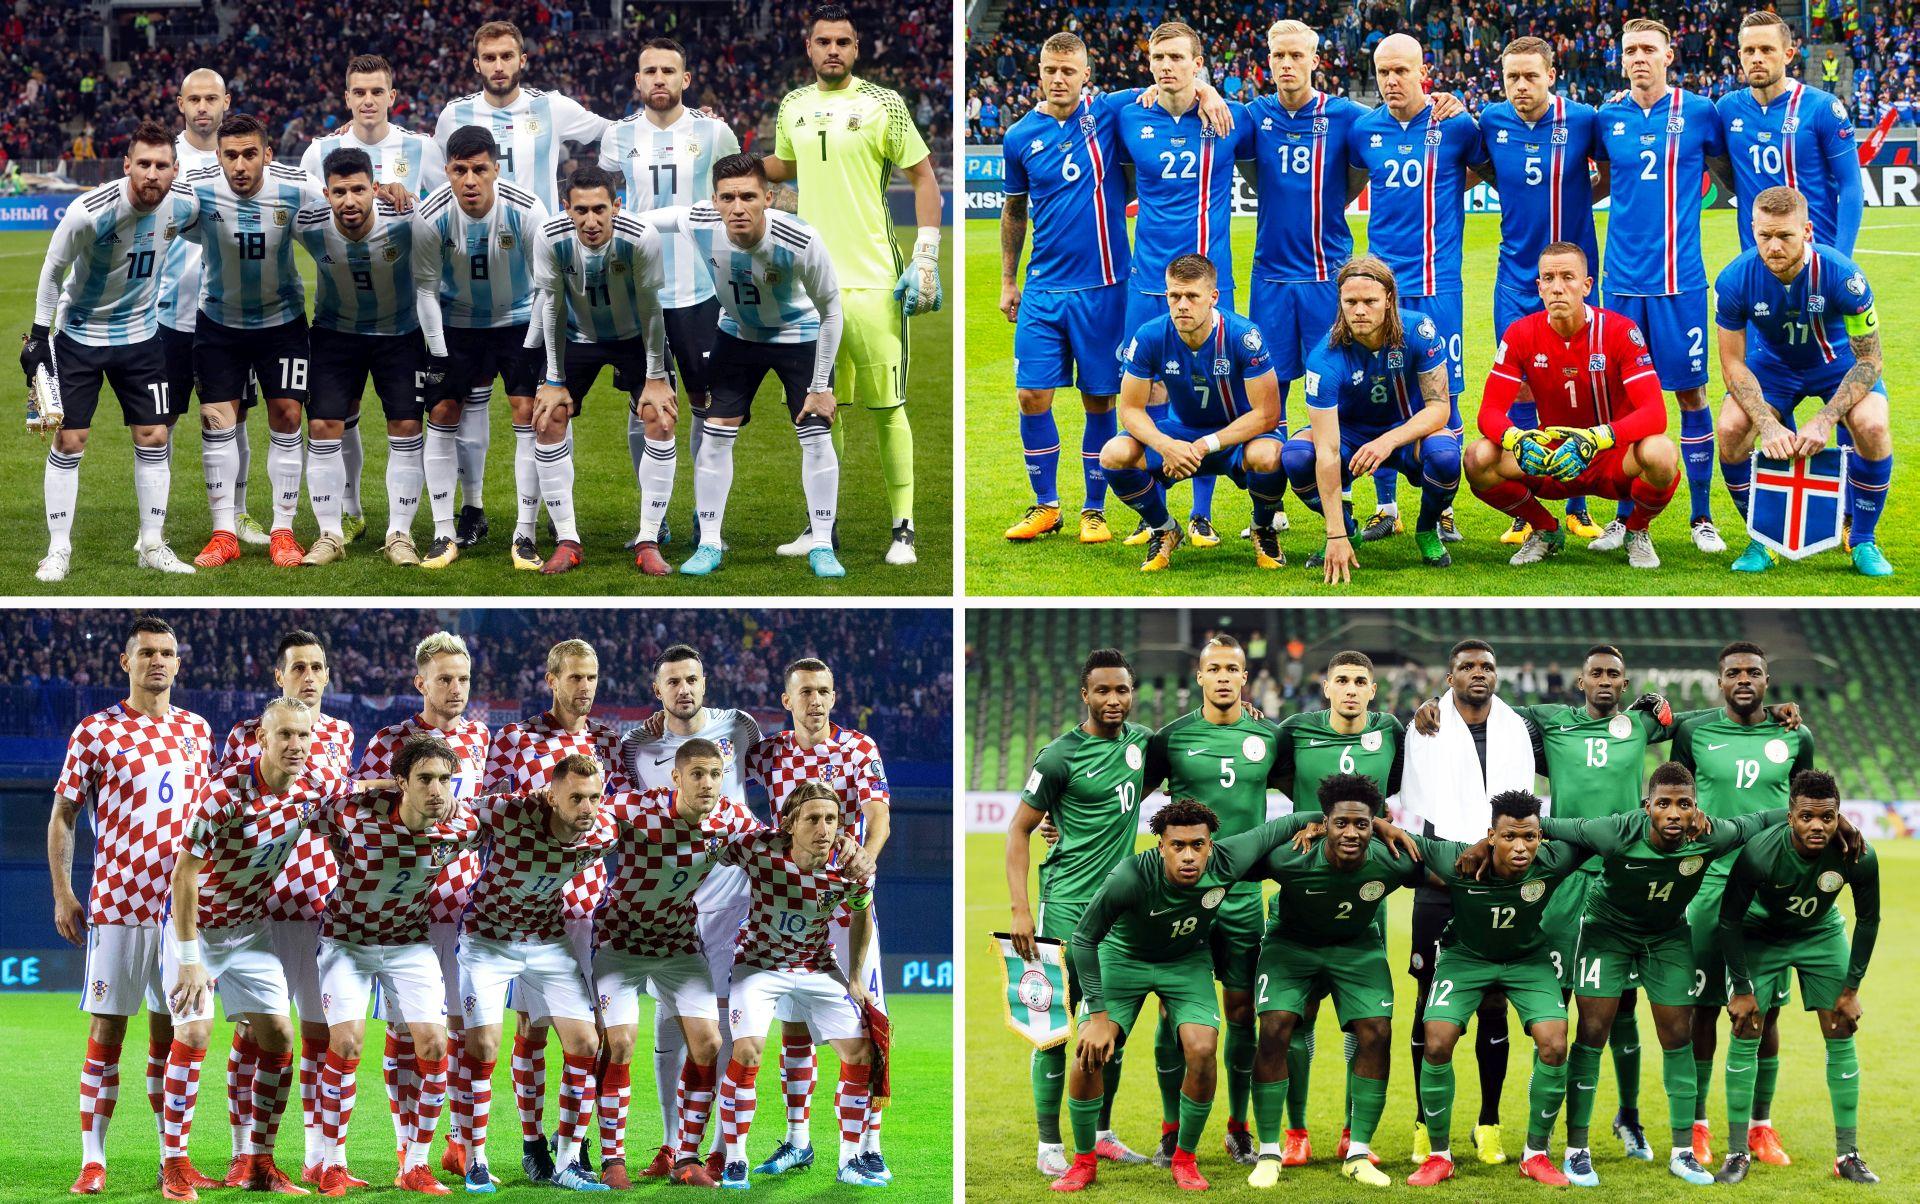 WORLD CUP 2018: Hrvatska u grupi D s Argentinom i Islandom, otvaramo s Nigerijom u Kalinjingradu